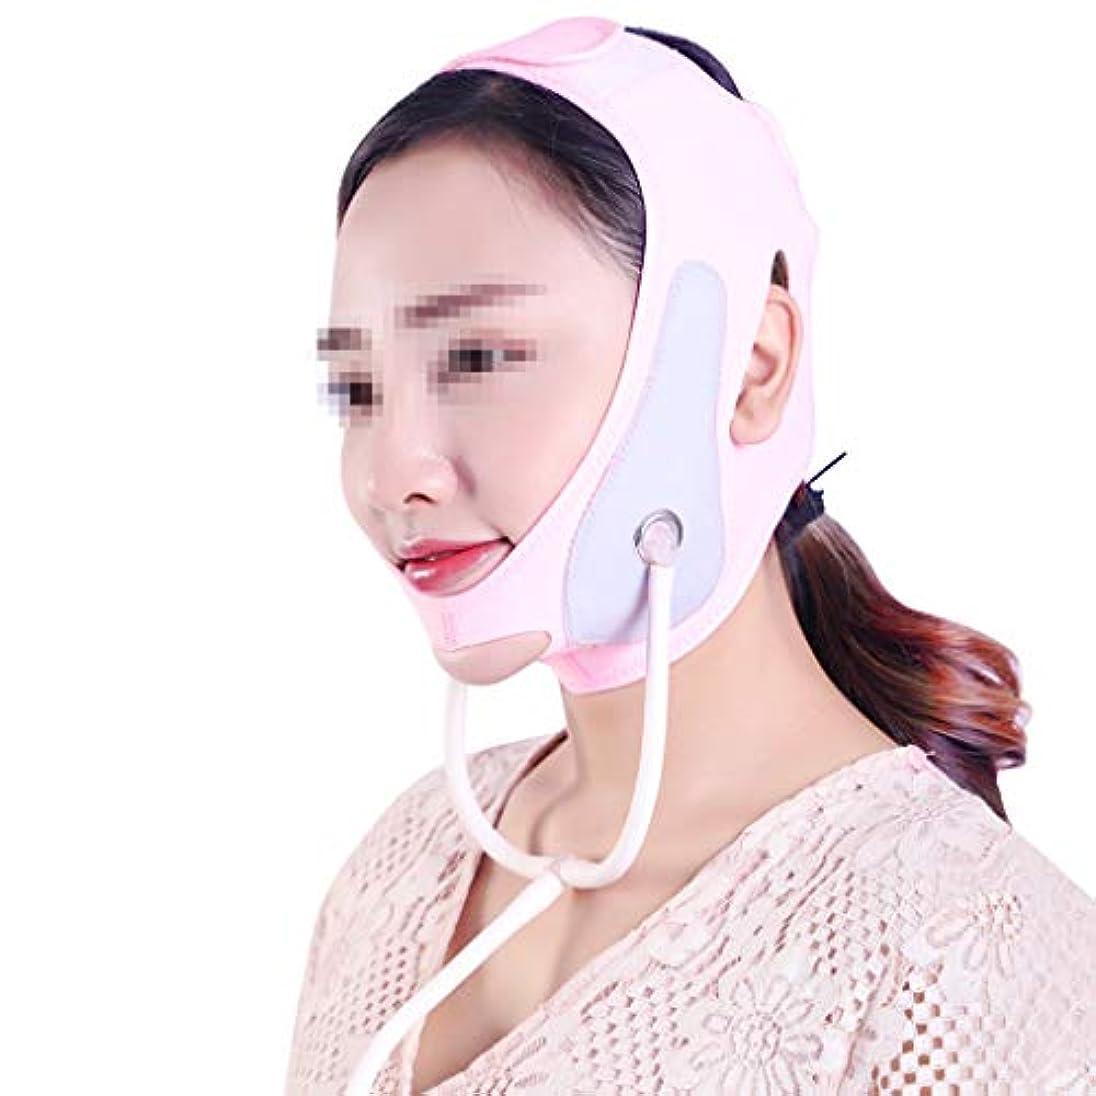 マーキー代わりにを立てるユーモラスインフレータブルフェイスリフティングマスク、小さなvフェイスステッカーリフトプル形状筋肉引き締めスキンダブルチン包帯ピンク